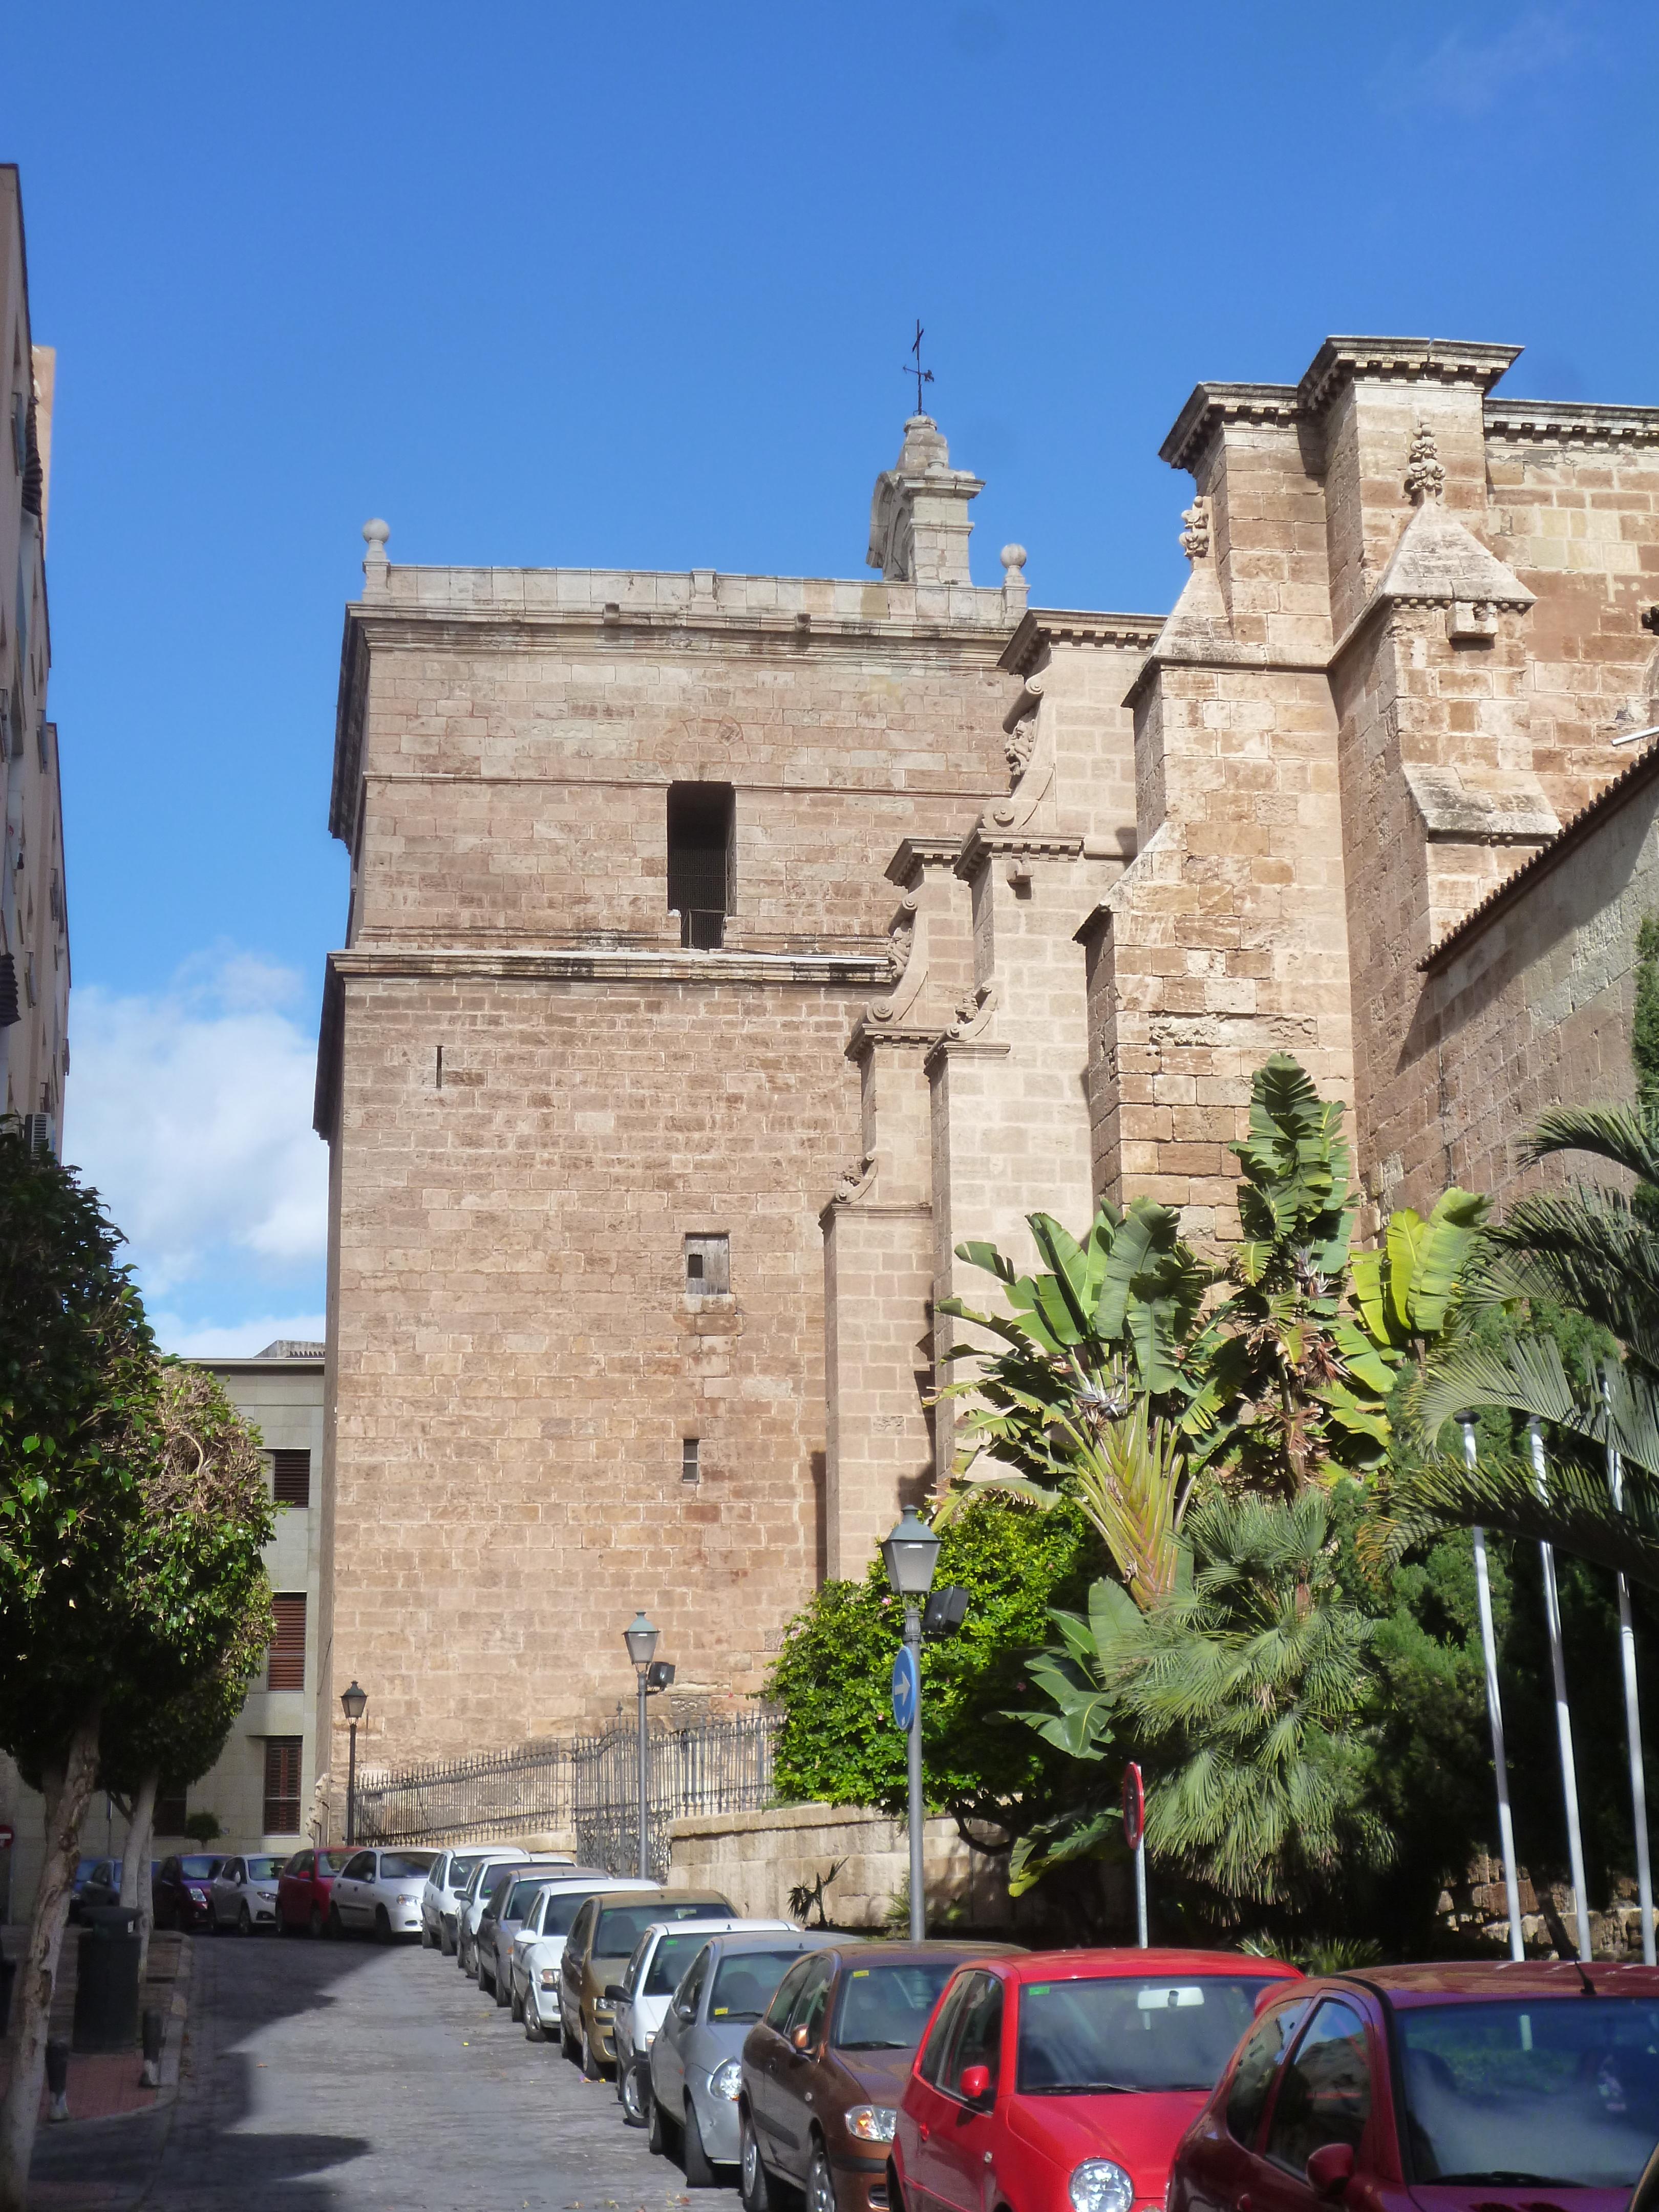 la cathédrale, architecture miltaire et religieuse mélée